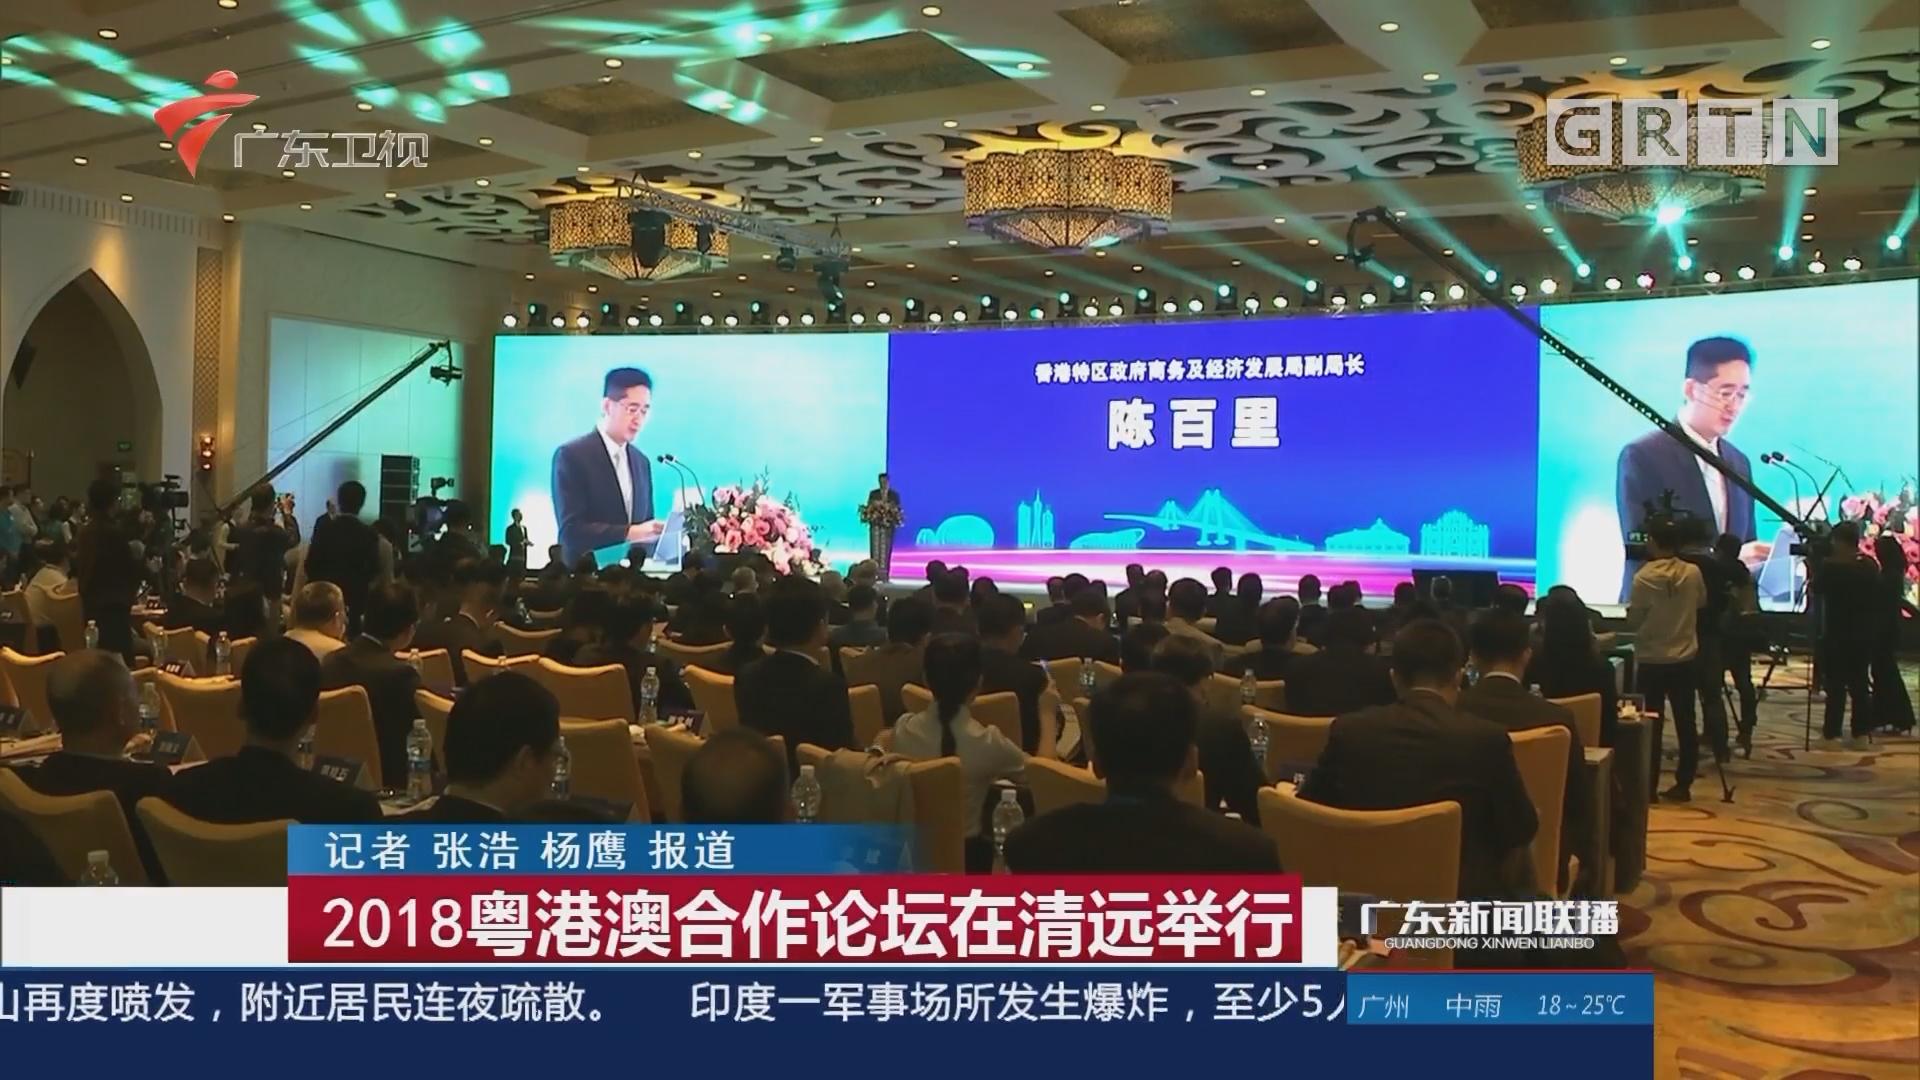 2018粤港澳合作论坛在清远举行